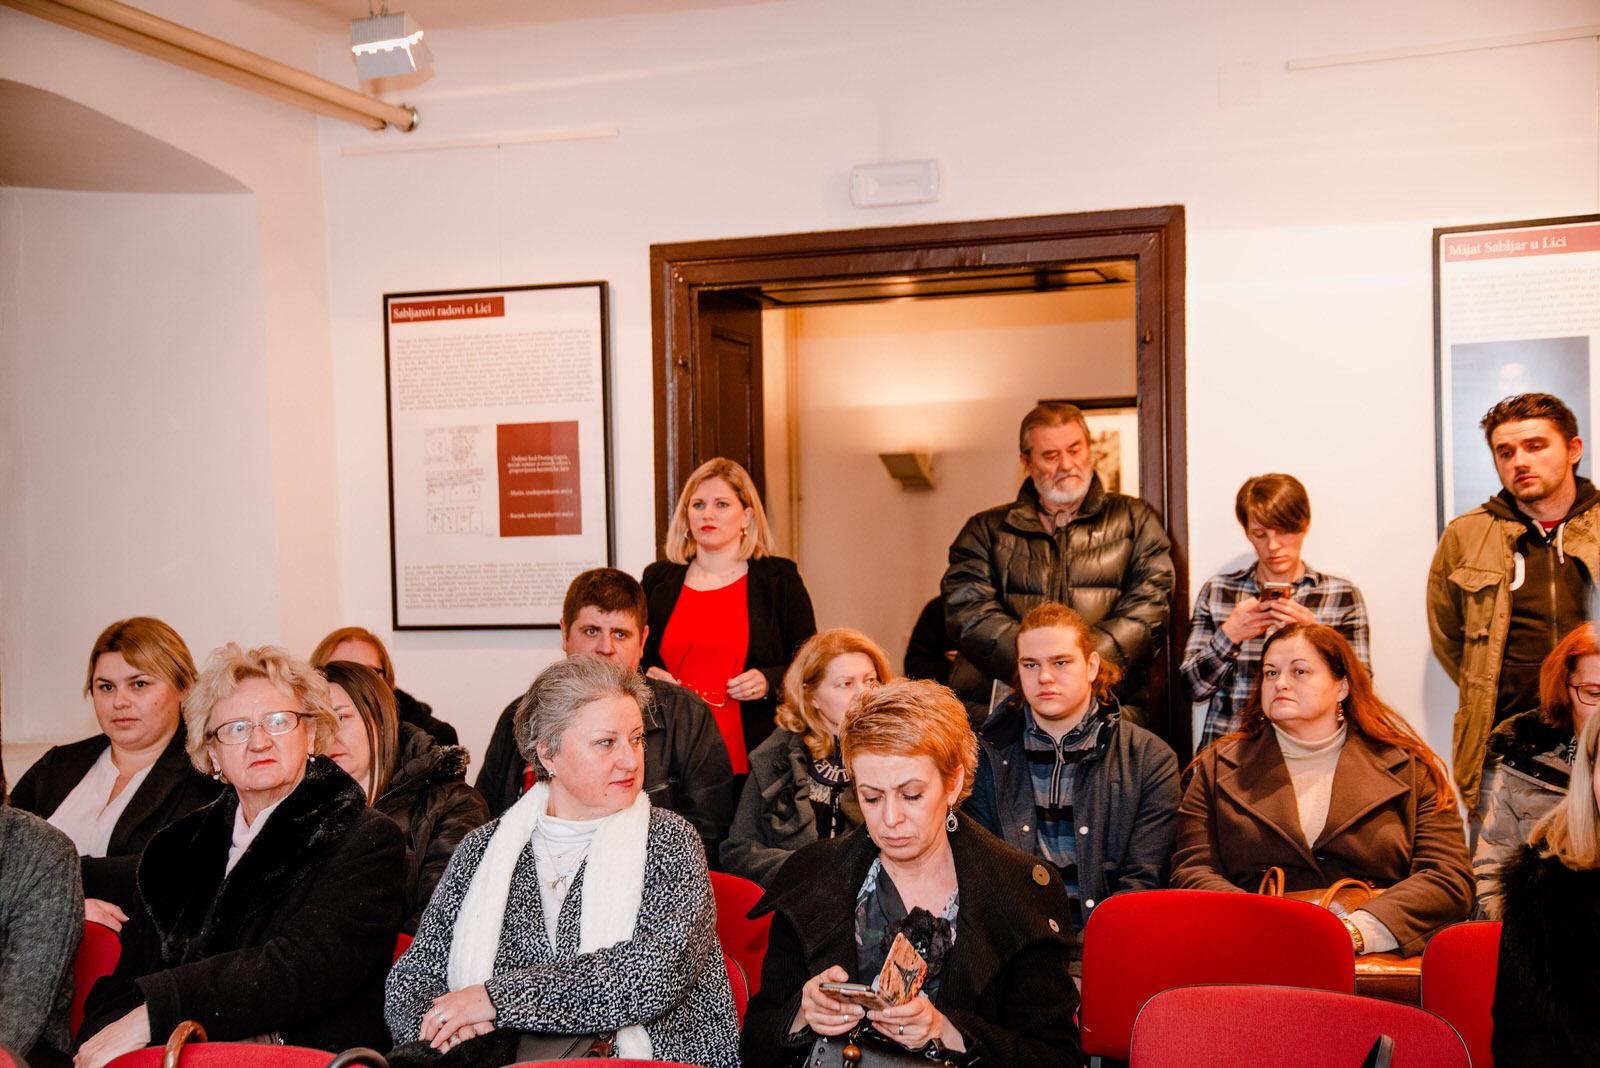 likaclub_gospić_noć muzeja_31.1.2020 (5)